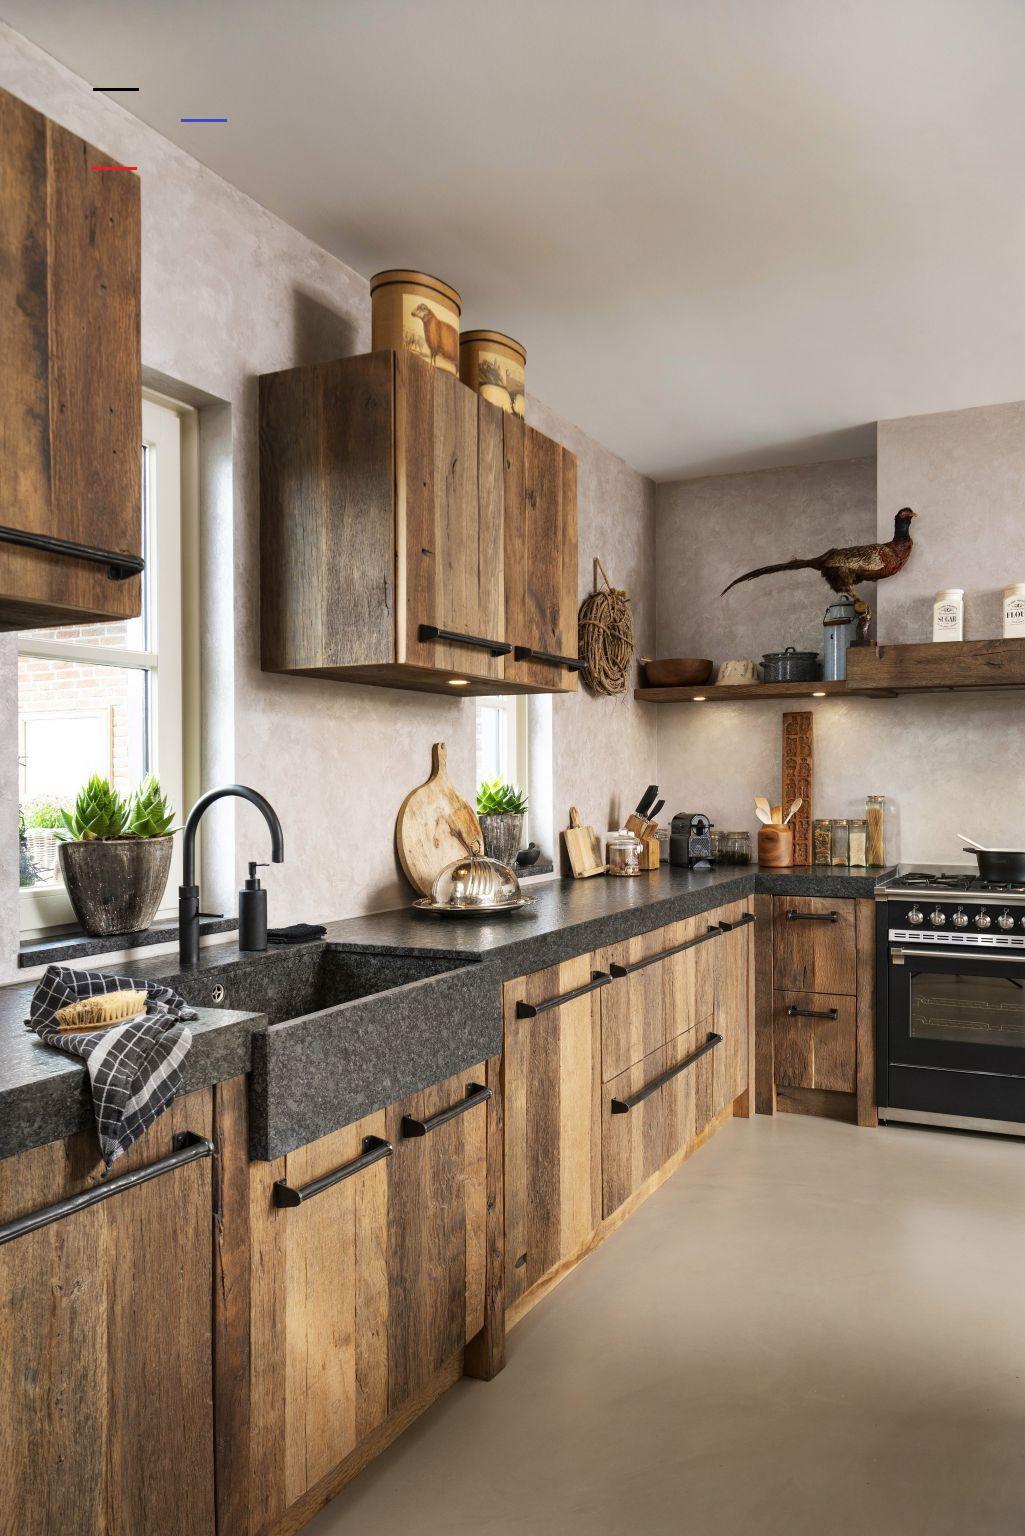 keuken van hergebruikt hout obly com ikeakeuken bijzondere interieurs en producten on outdoor kitchen ytong id=71888